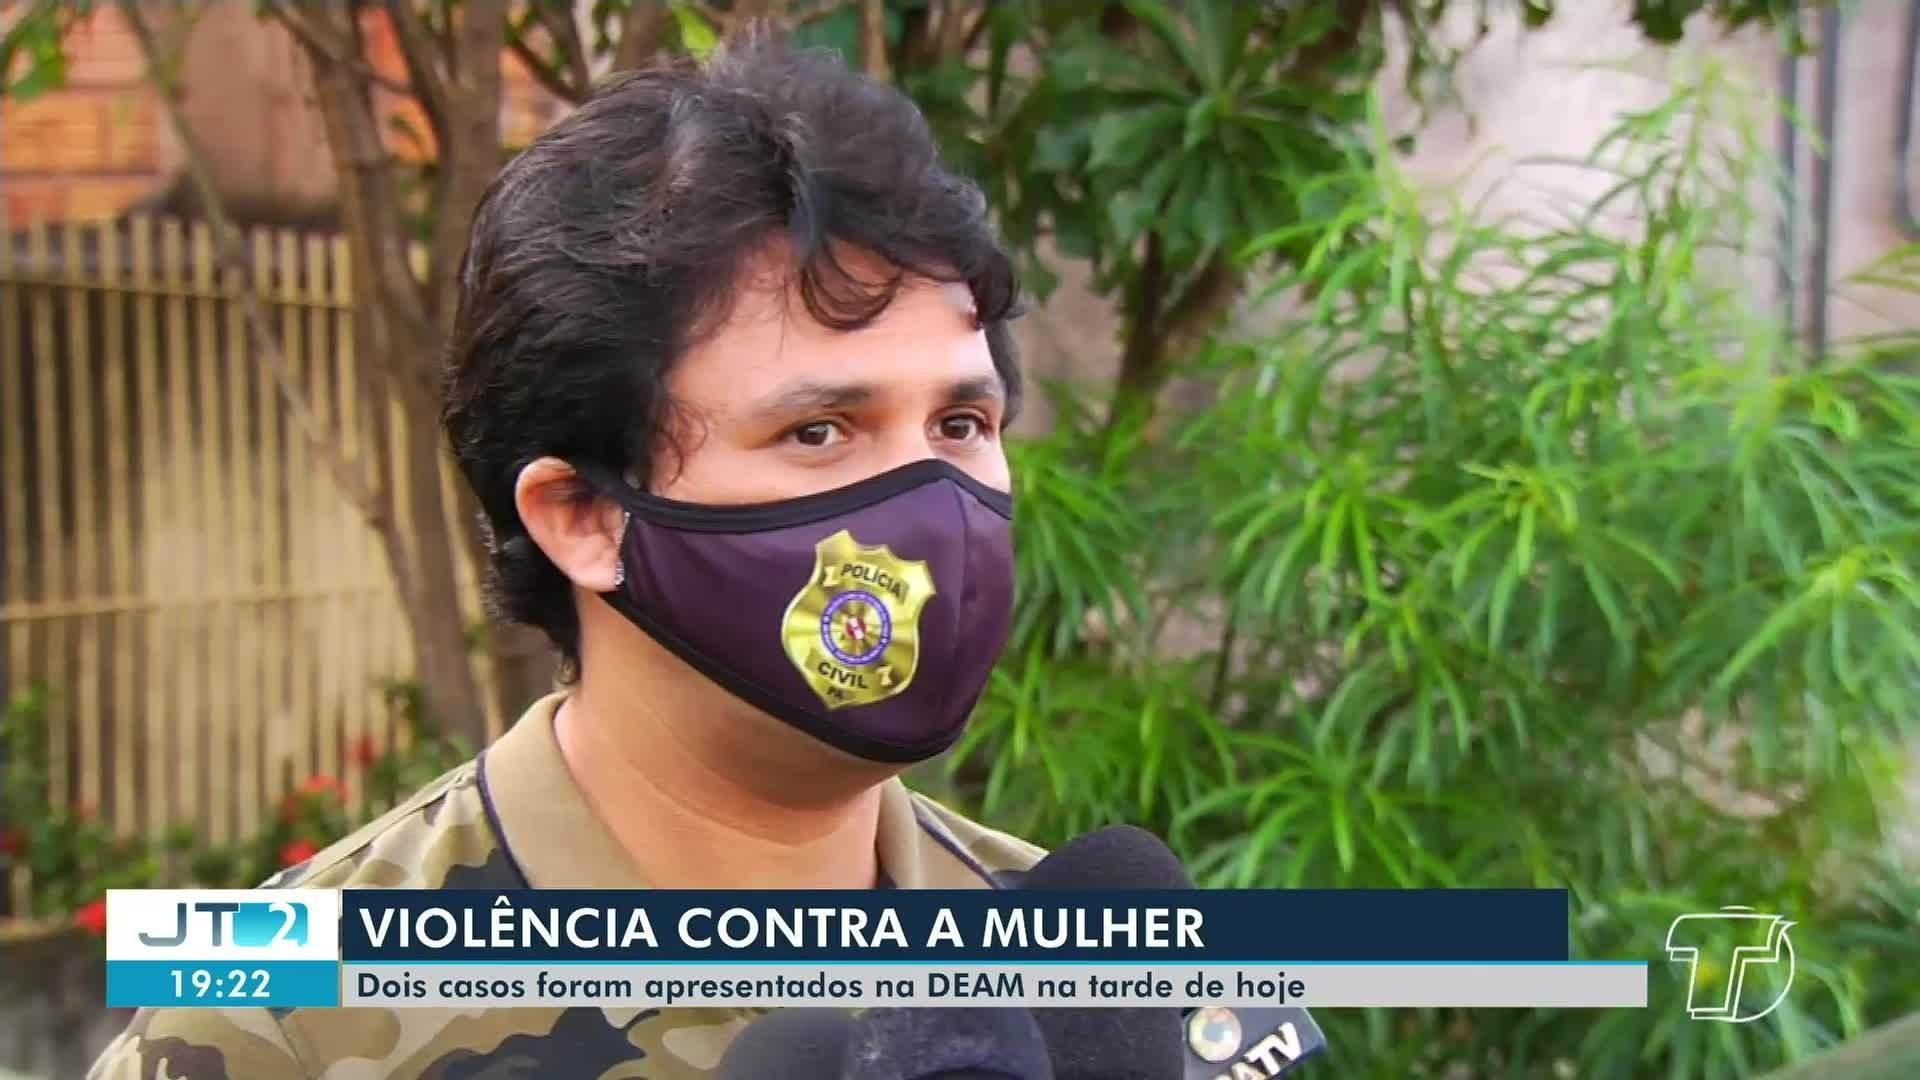 VÍDEOS: Jornal Tapajós 2ª Edição de sexta-feira, 29 de maio